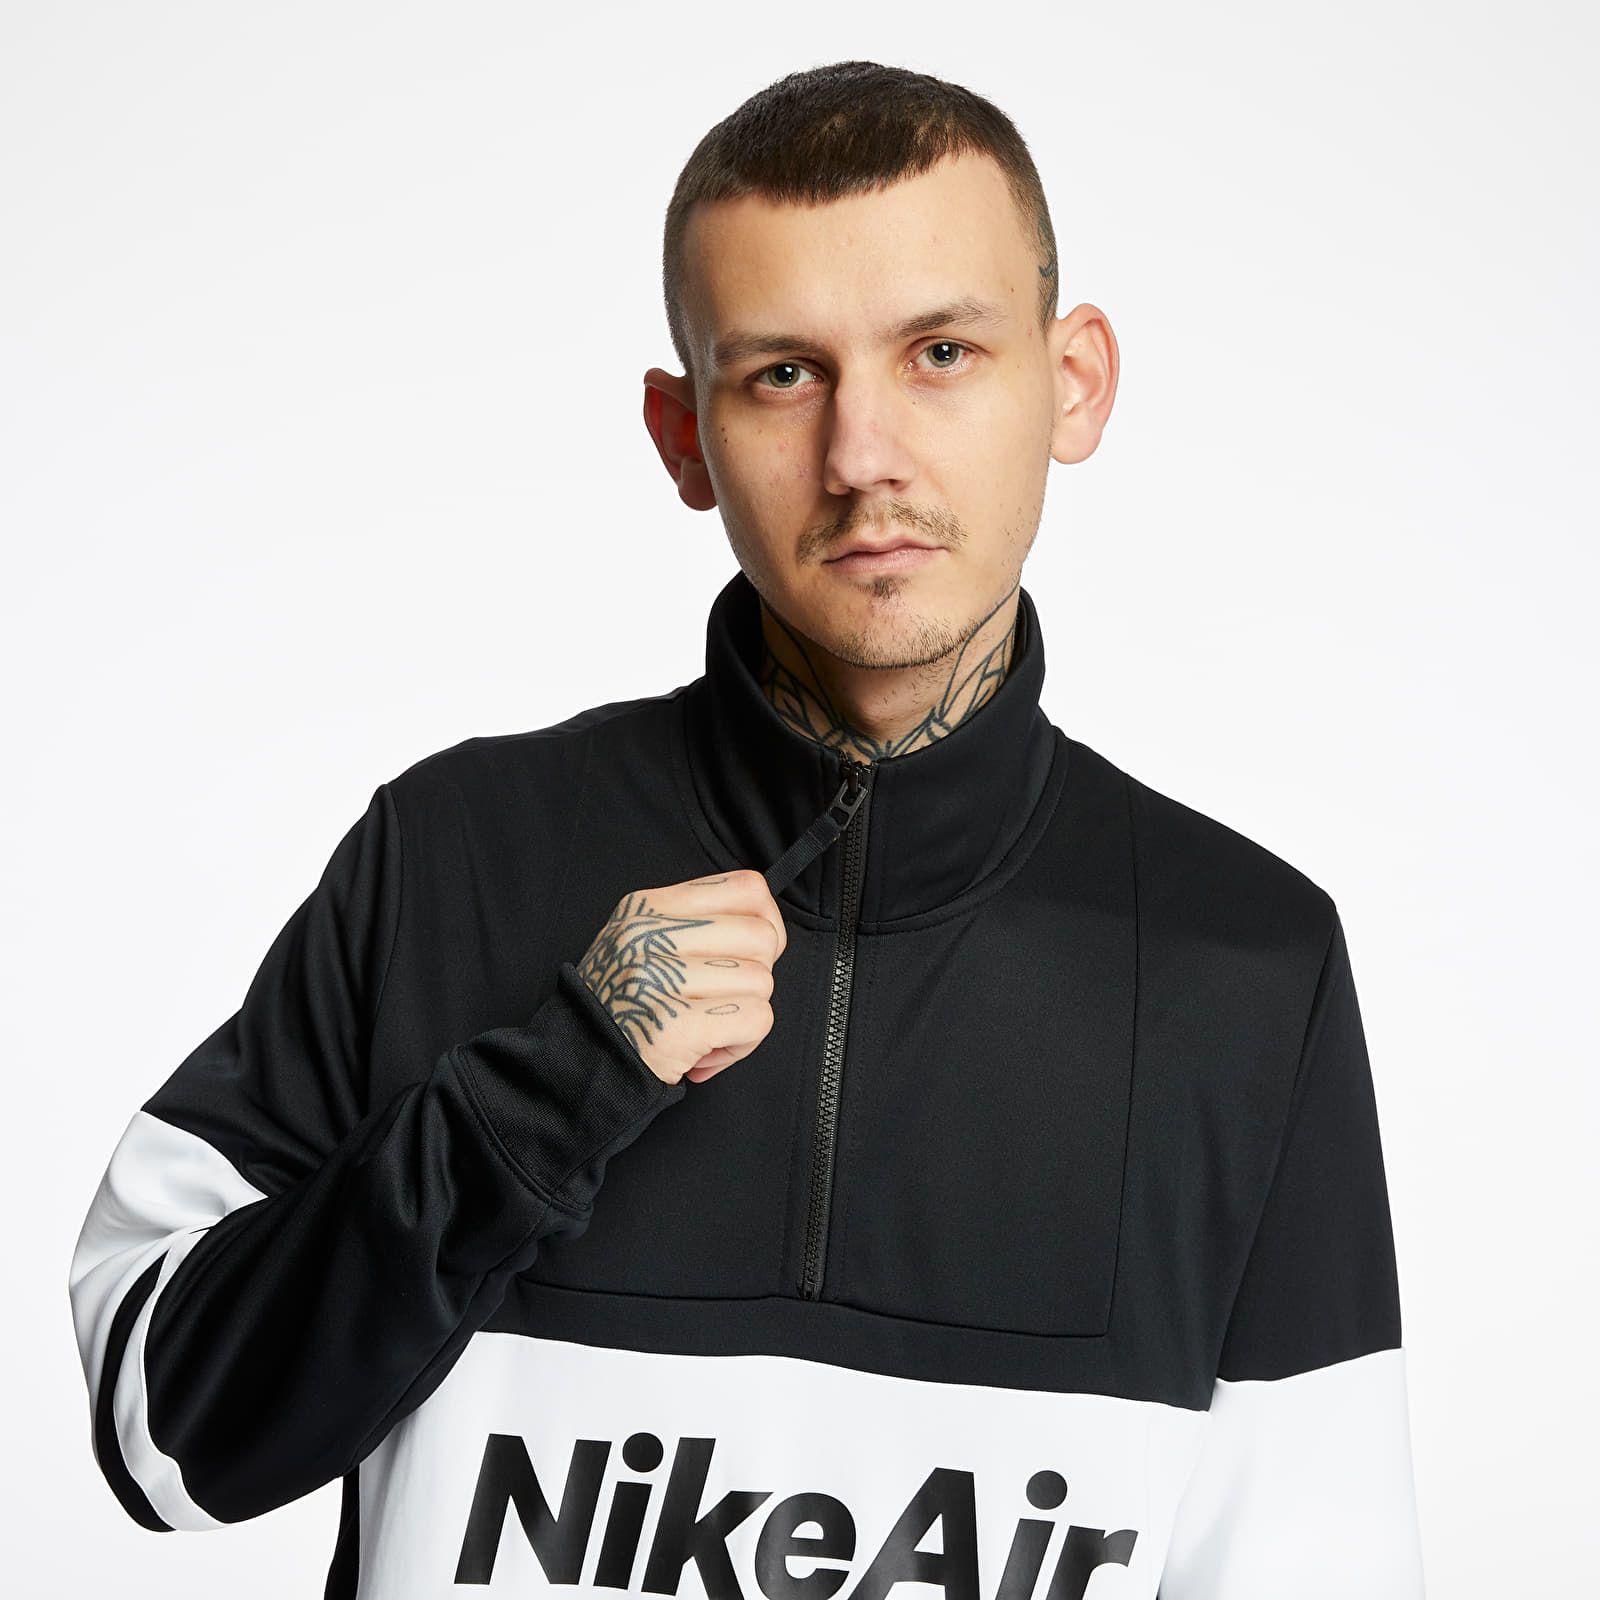 Rivalita medzi adidas a Nike trvá celé desaťročia. Ktorá ikona športovej módy má aktuálne lepšiu ponuku?